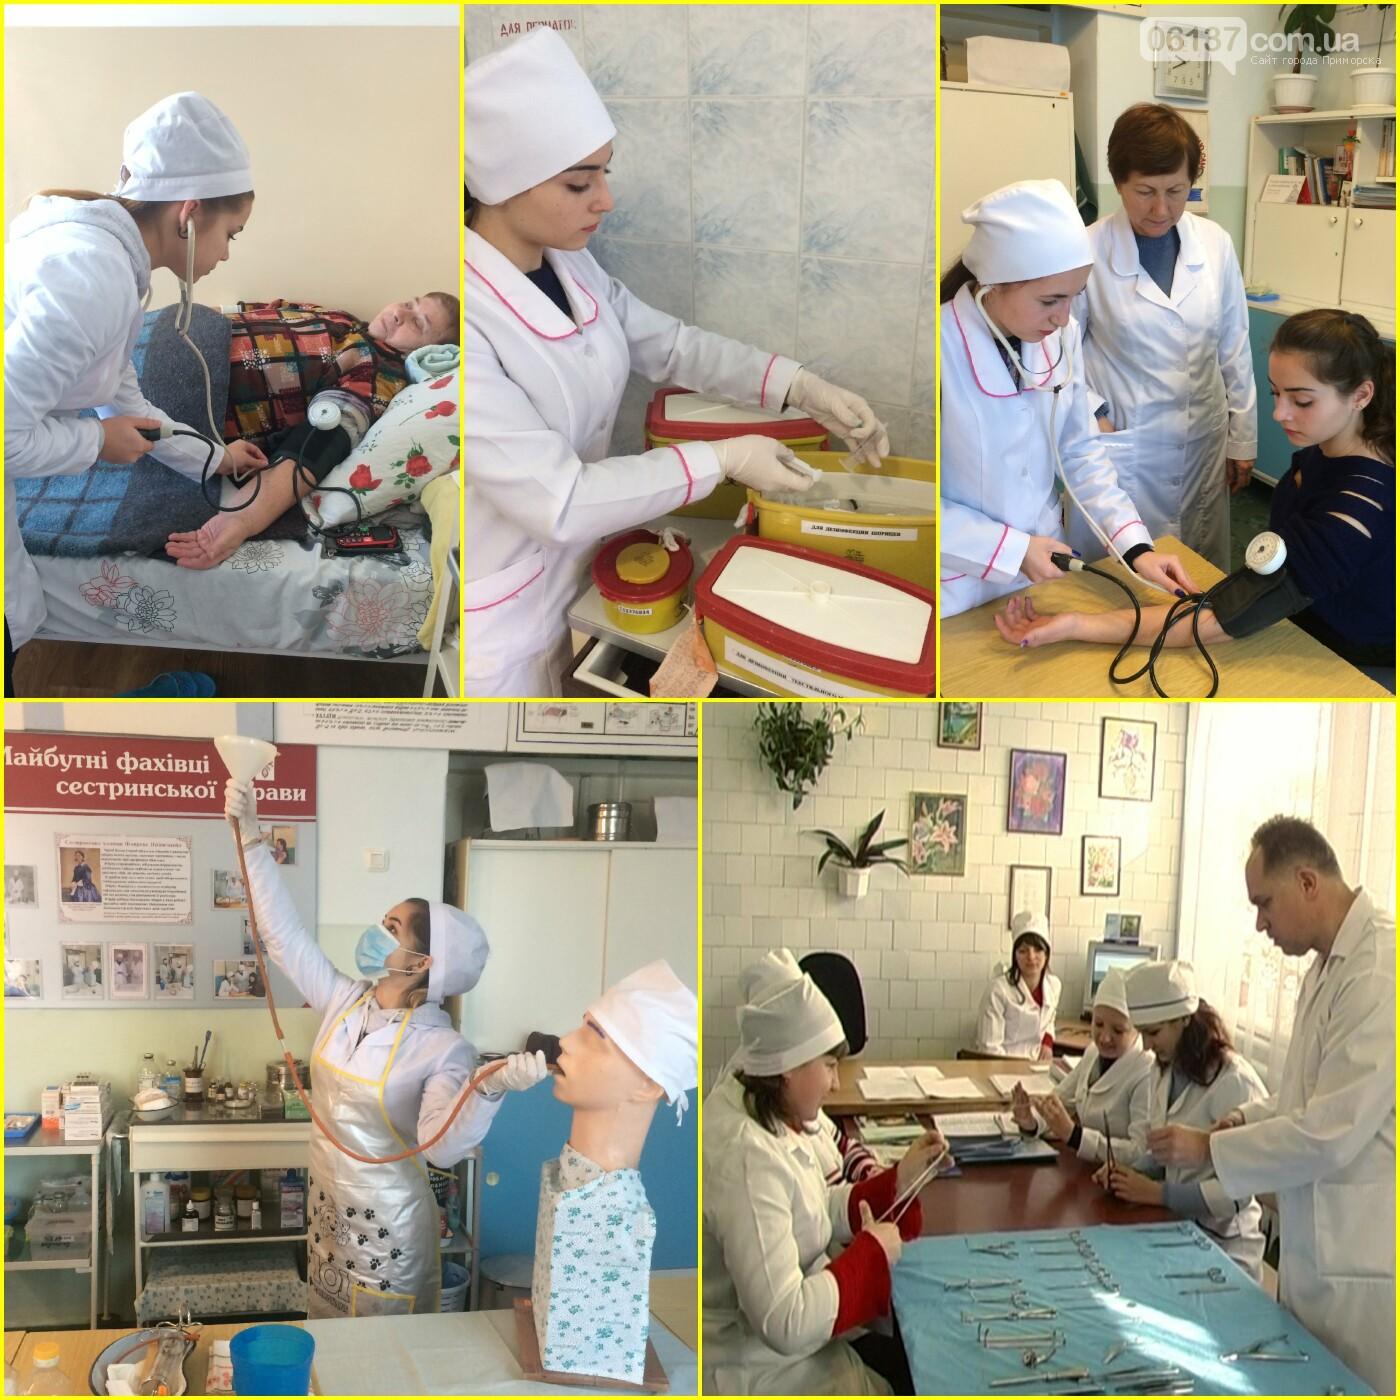 «Бердянский медицинский профессиональный колледж» Запорожского областного совета приглашает на обучение, фото-1